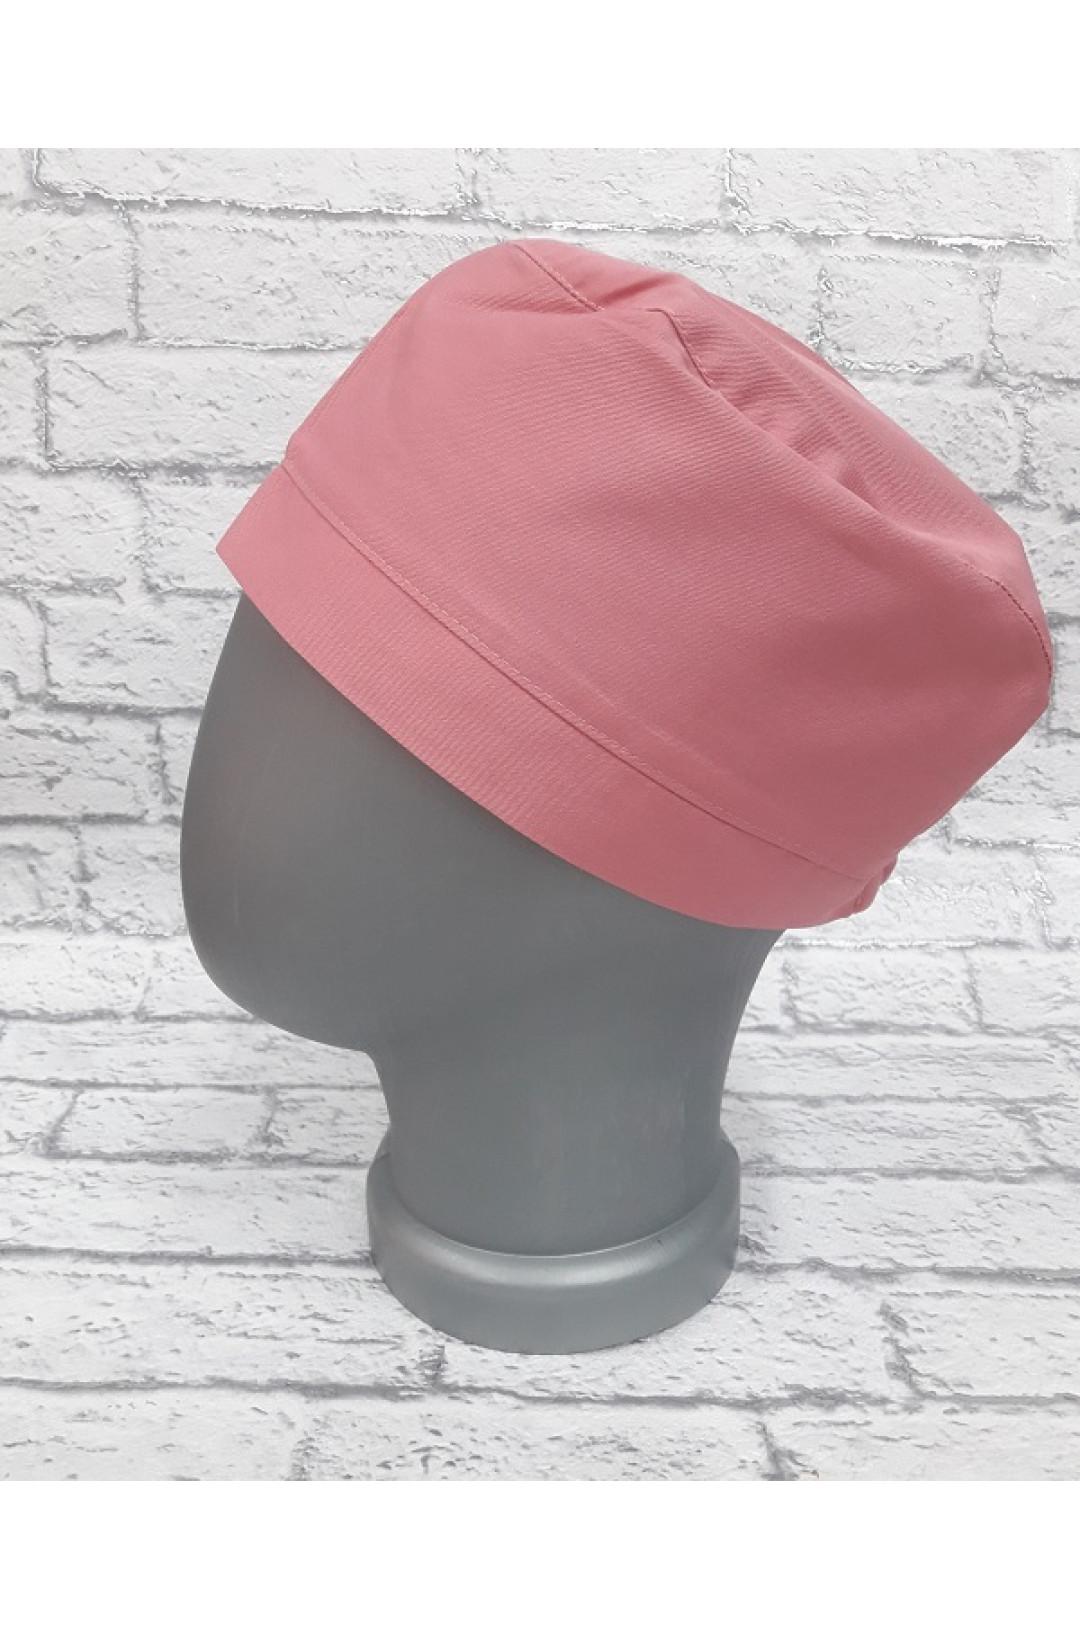 Убор головной 0-716-01 (Pink-915, Сатори)